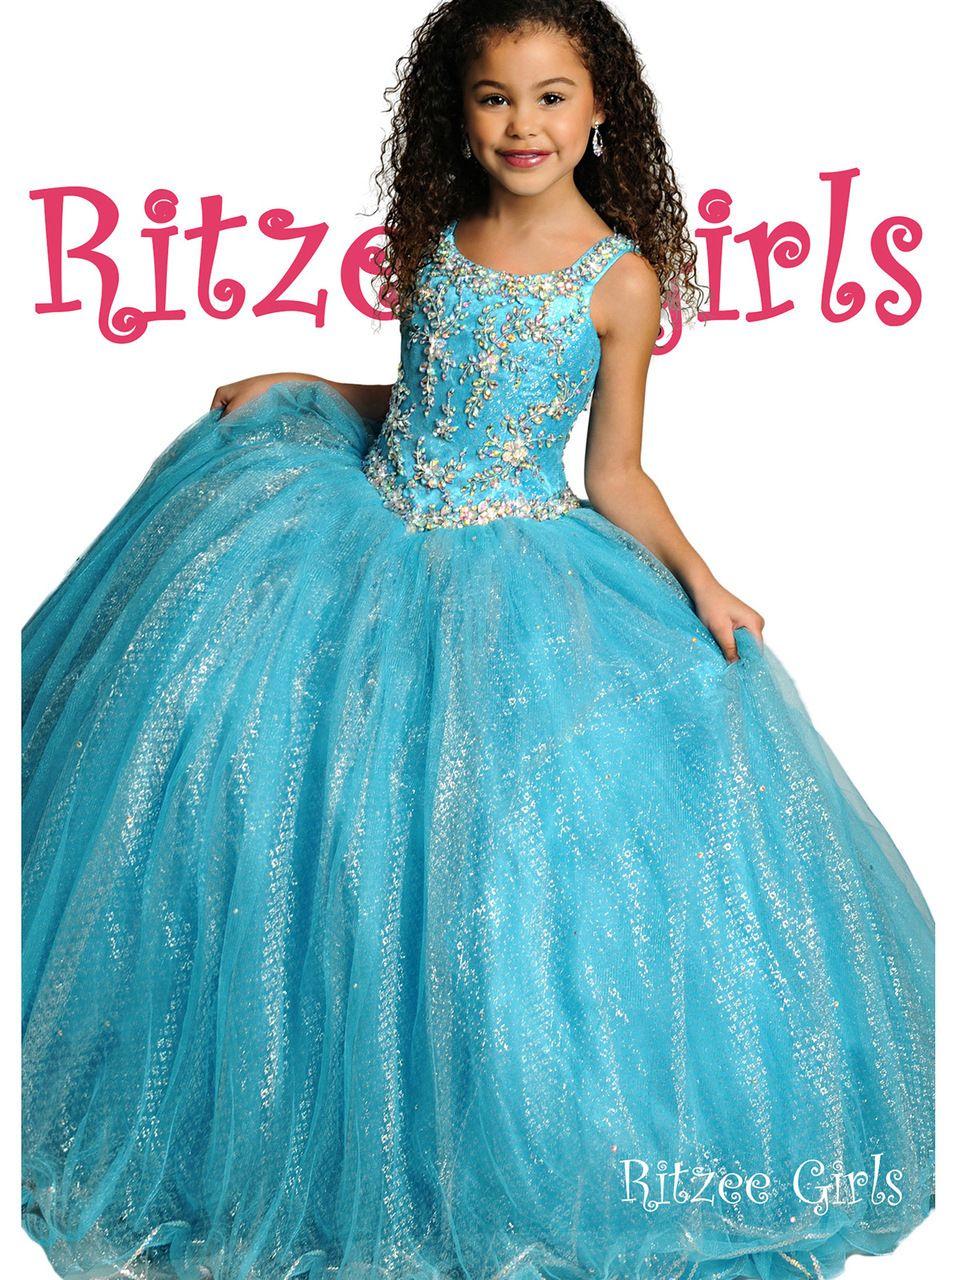 Ball Gown Pageant Dress Ritzee Girls 6800 | Glitz Pageant Girl Dress ...